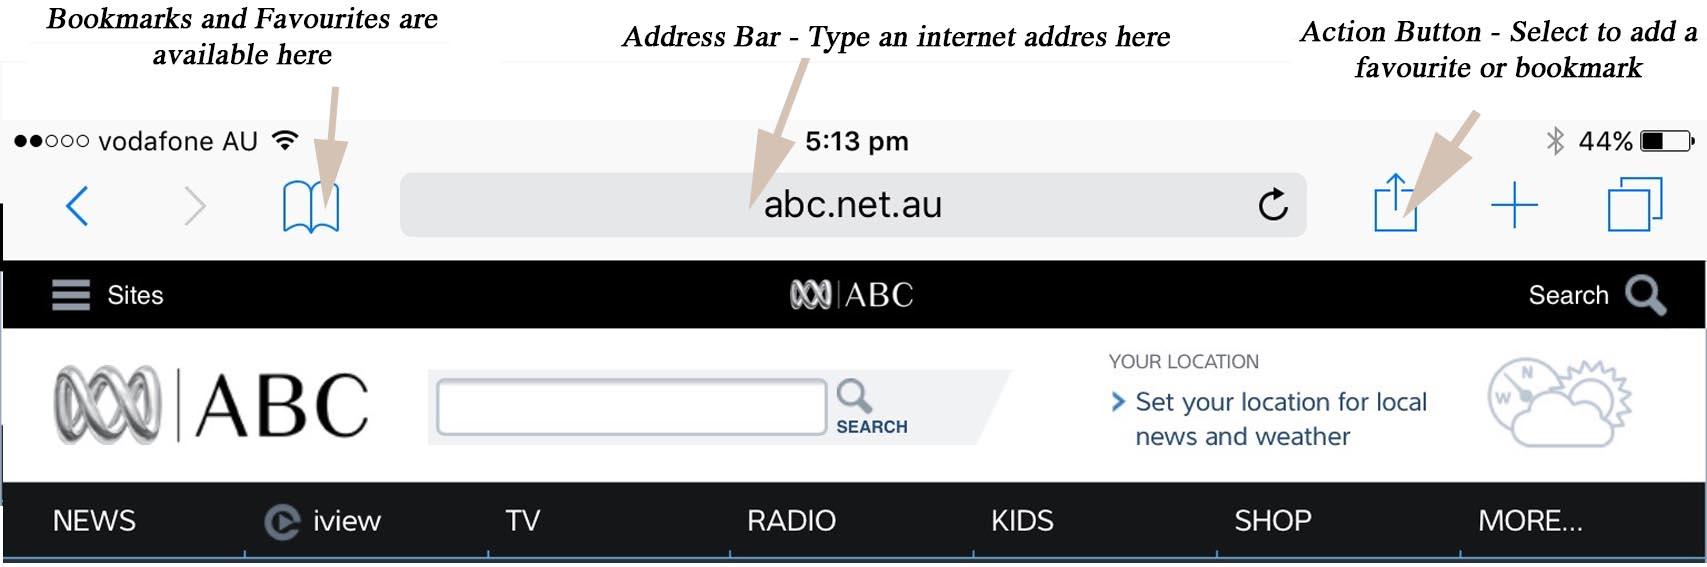 Safari top image